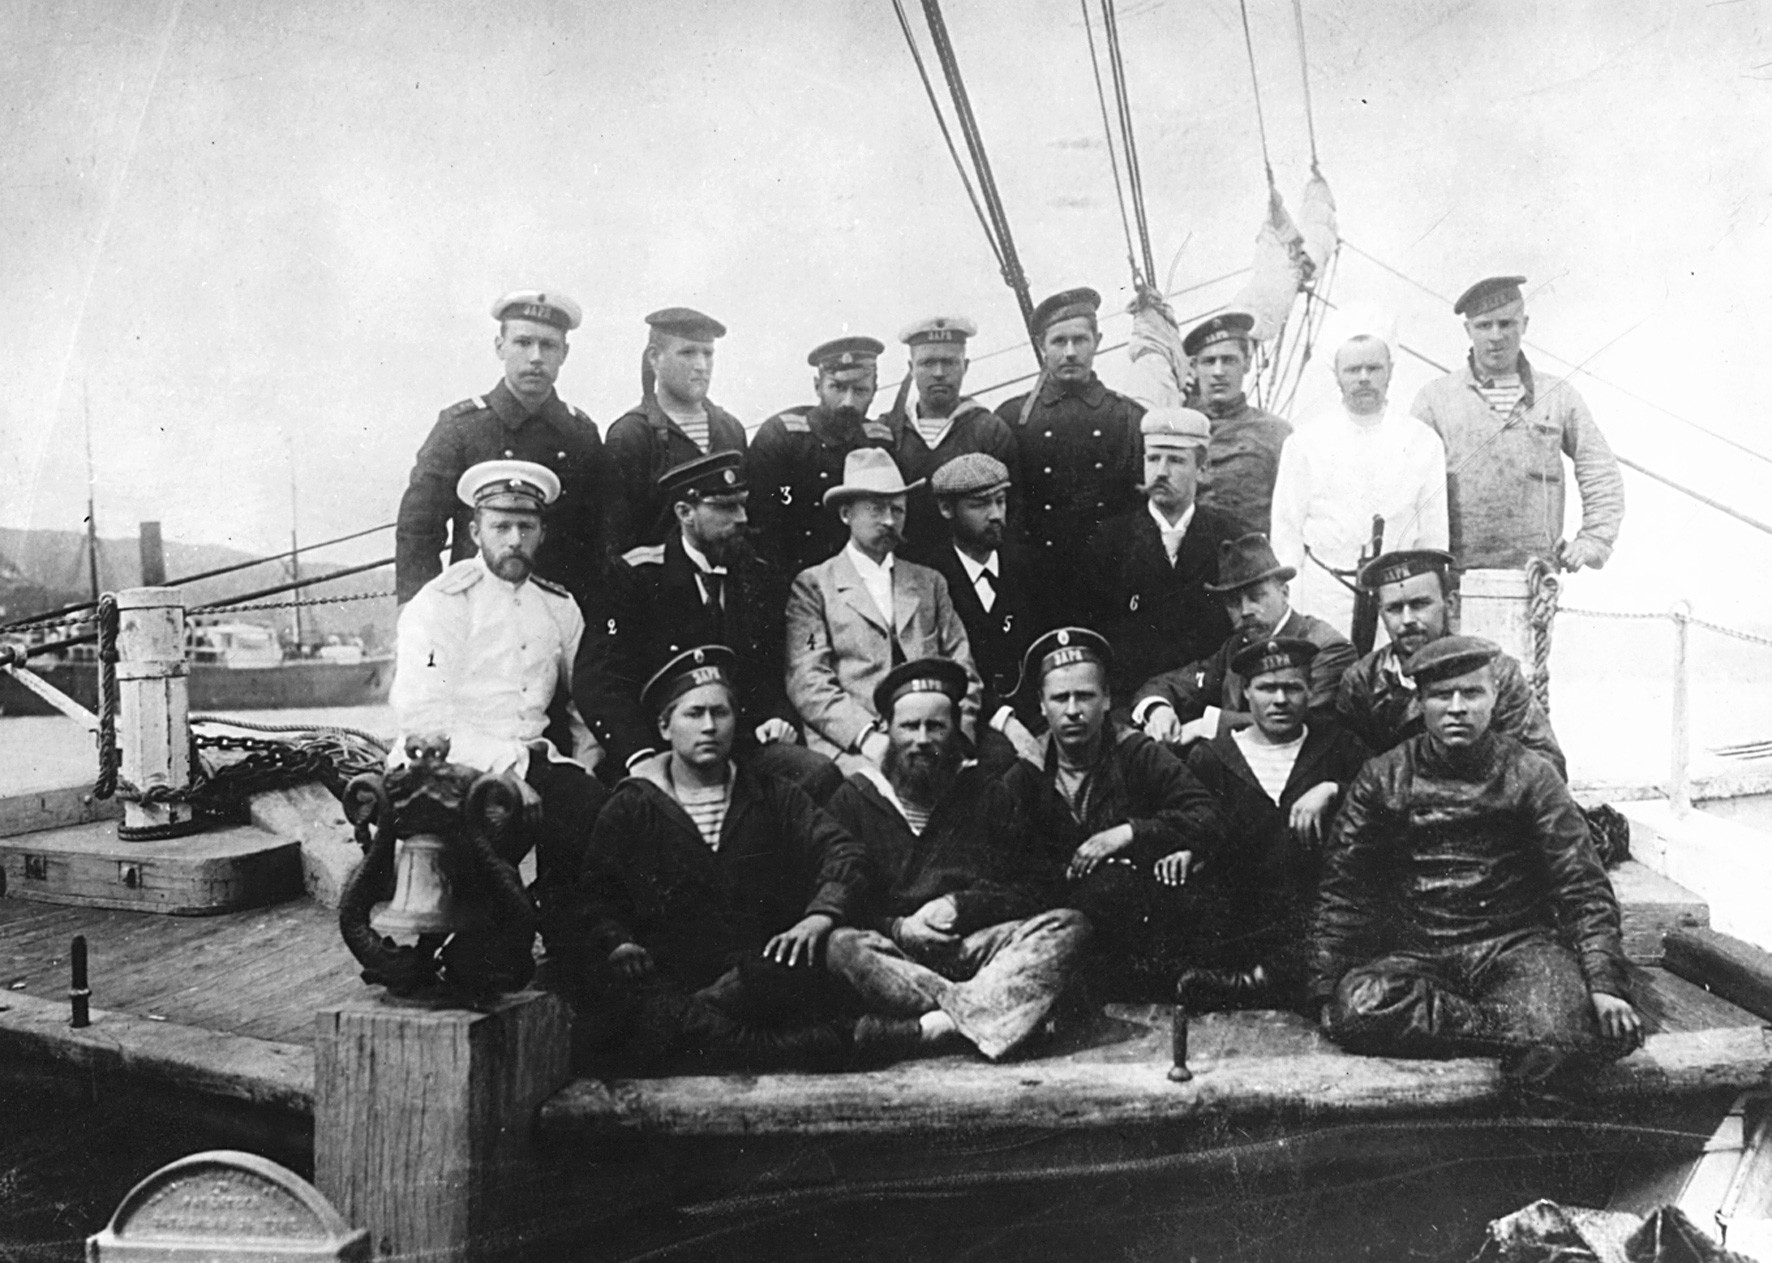 Снимка на екипажа на руския кораб